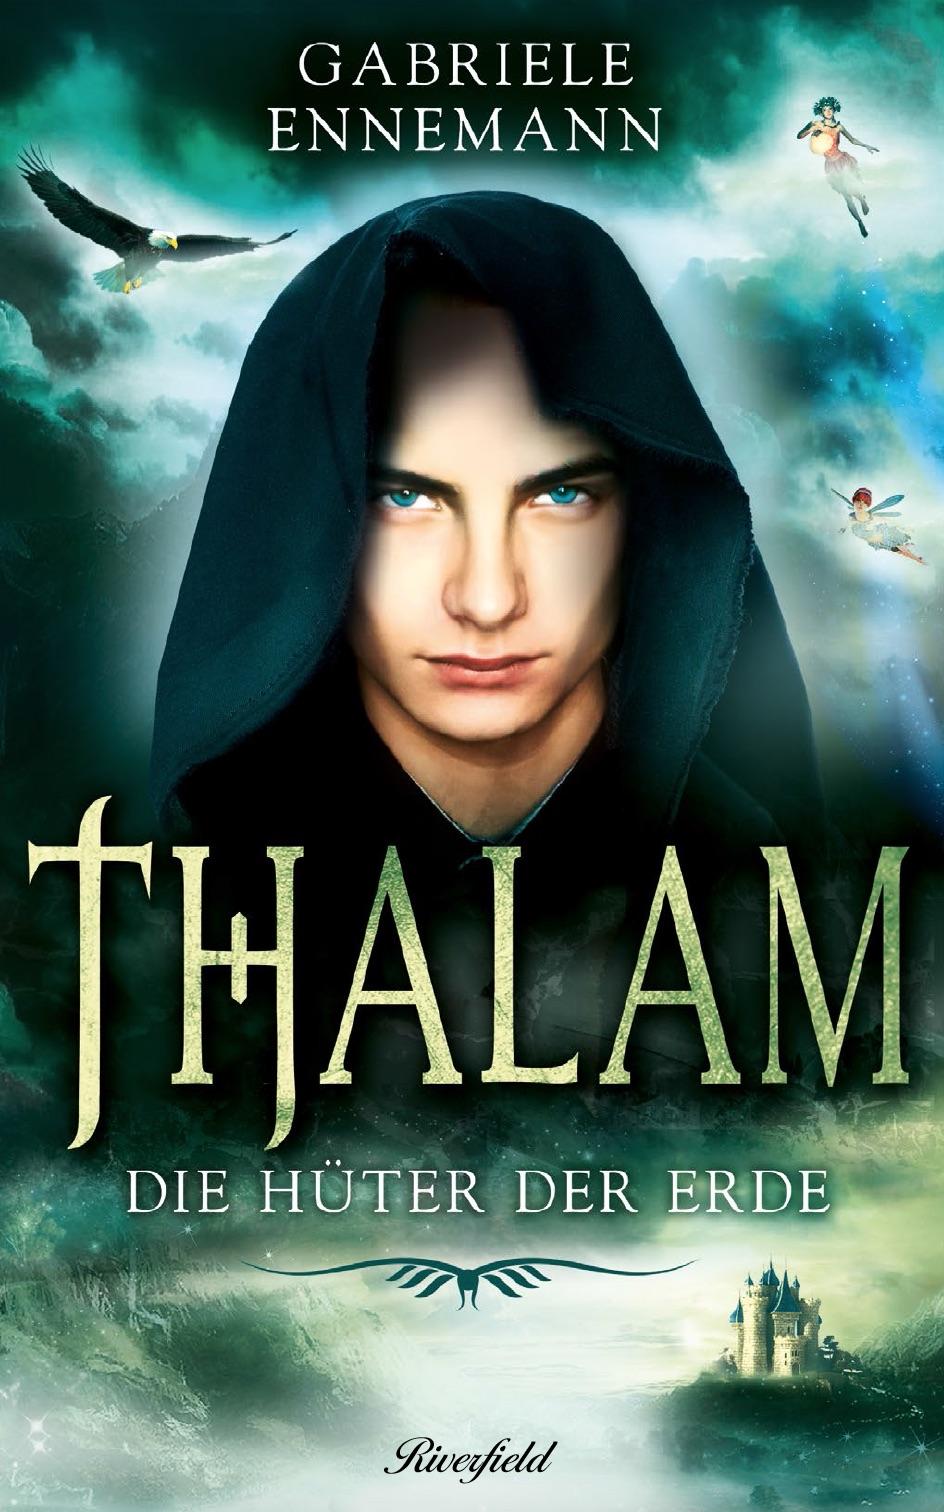 Thalam – Die Hüter der Erde (Gabriele Ennemann)